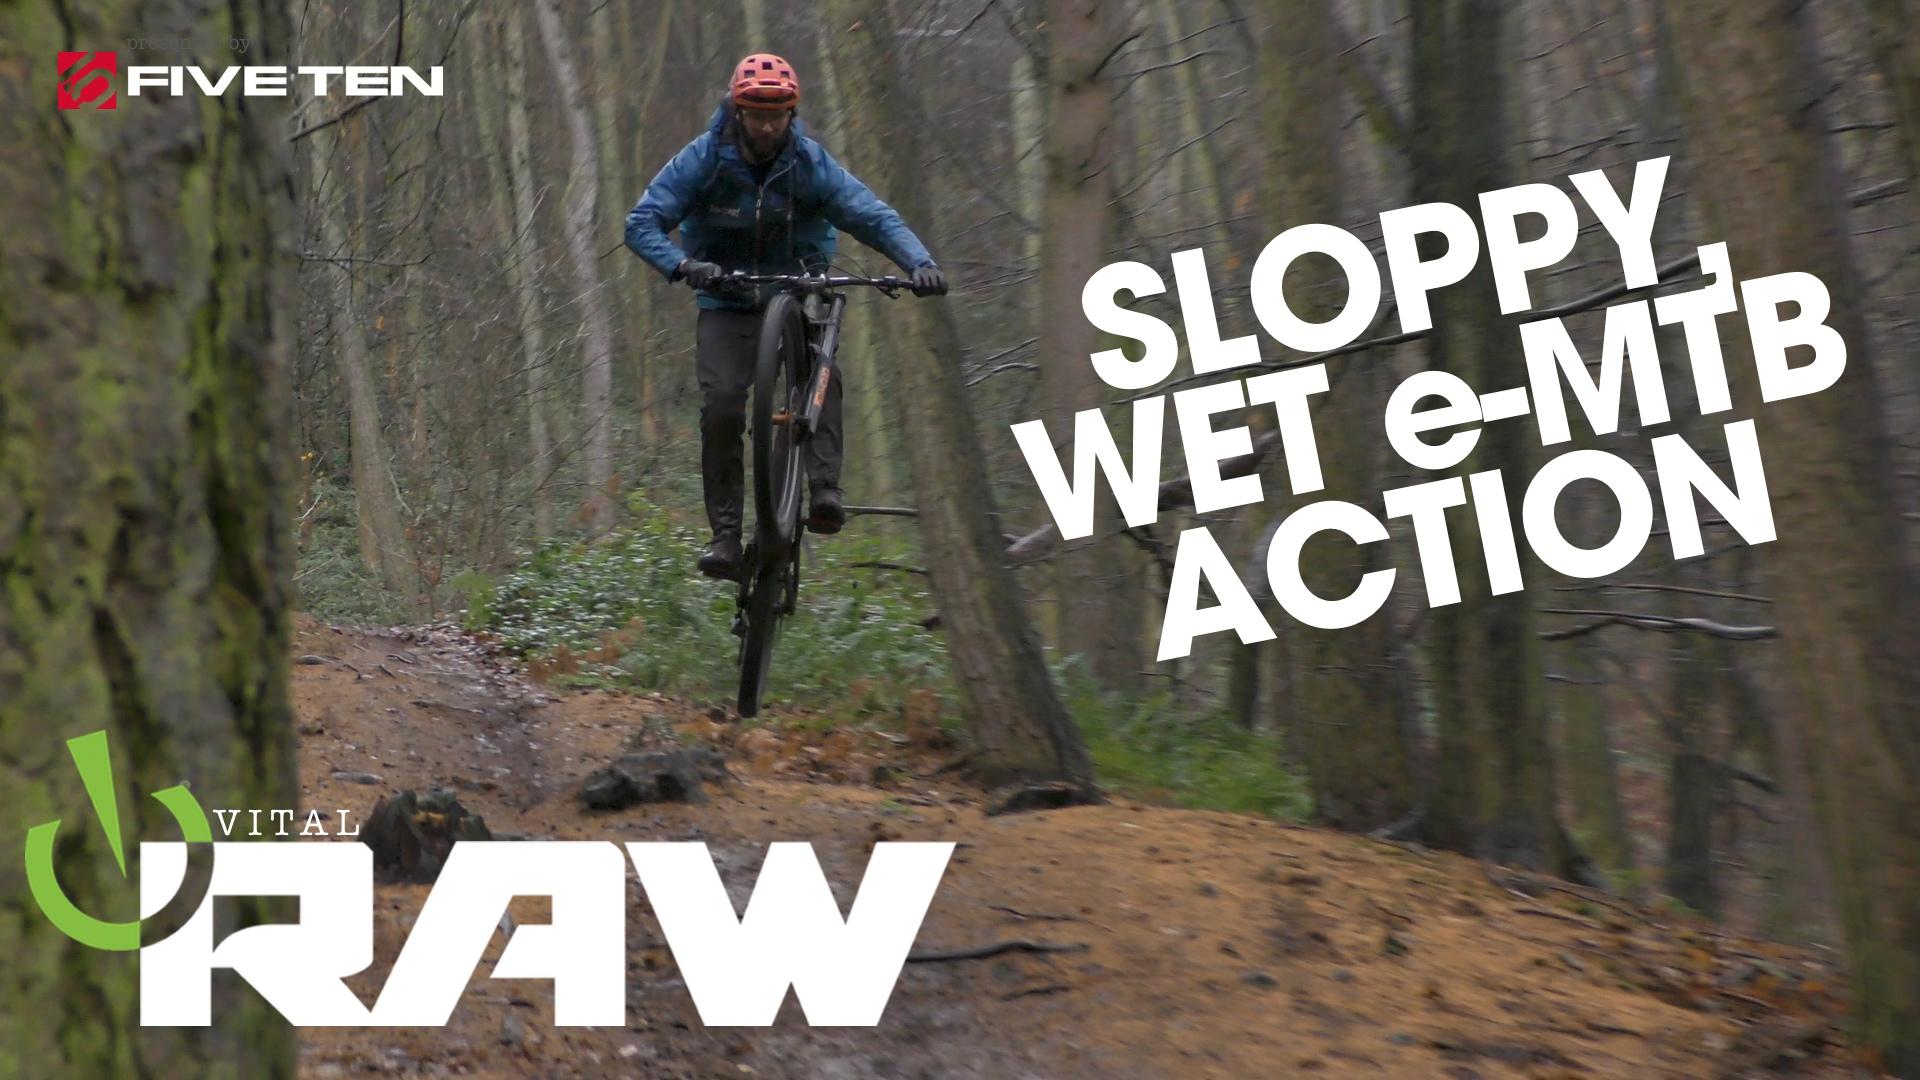 E-Bikes in the Rain - Vital RAW with Joe Smith and Gareth Brewin